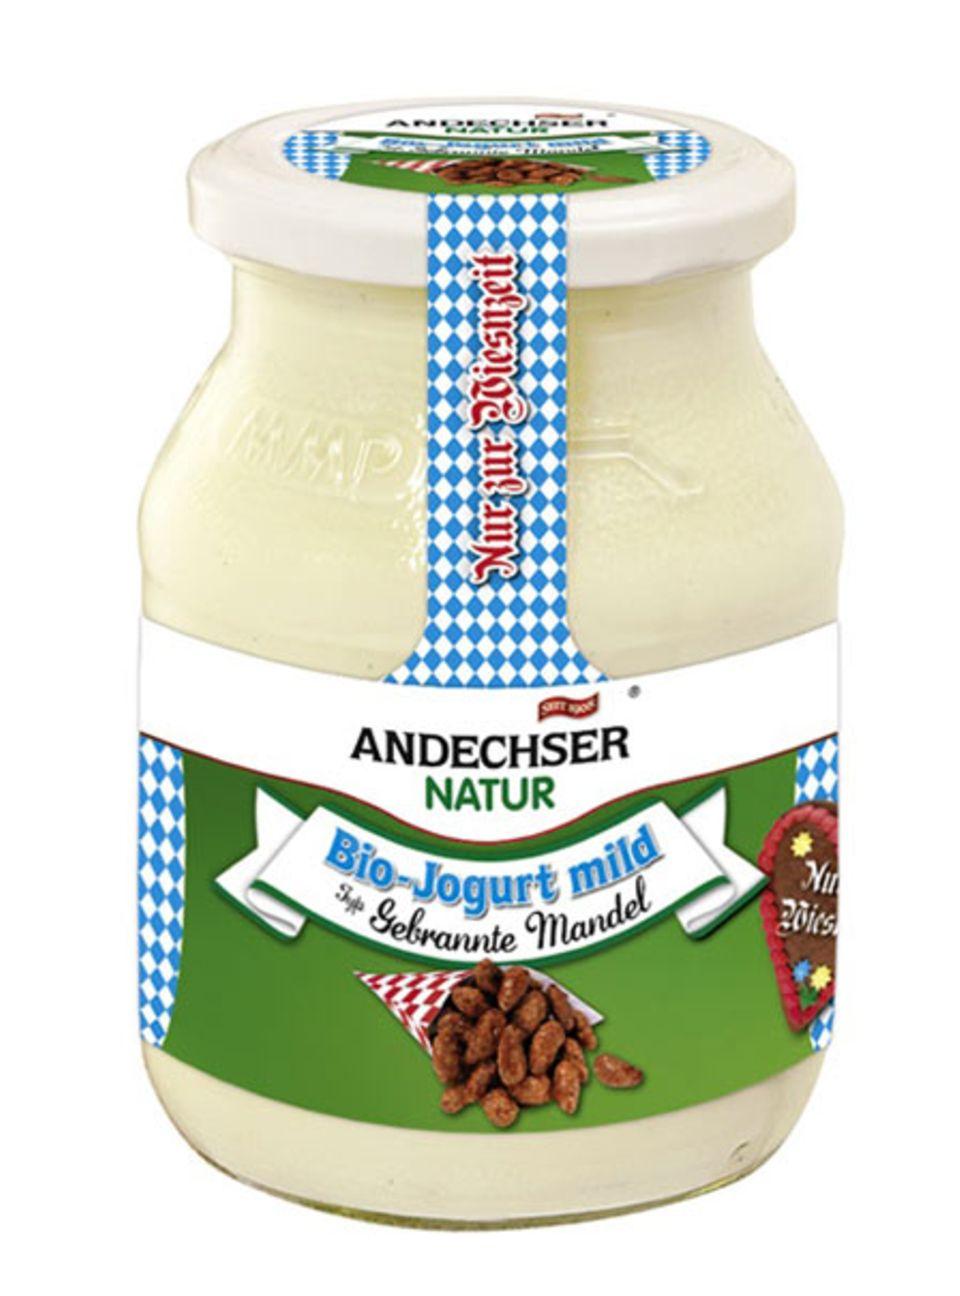 Limitierte Joghurtsorte: Gebrannte Mandeln